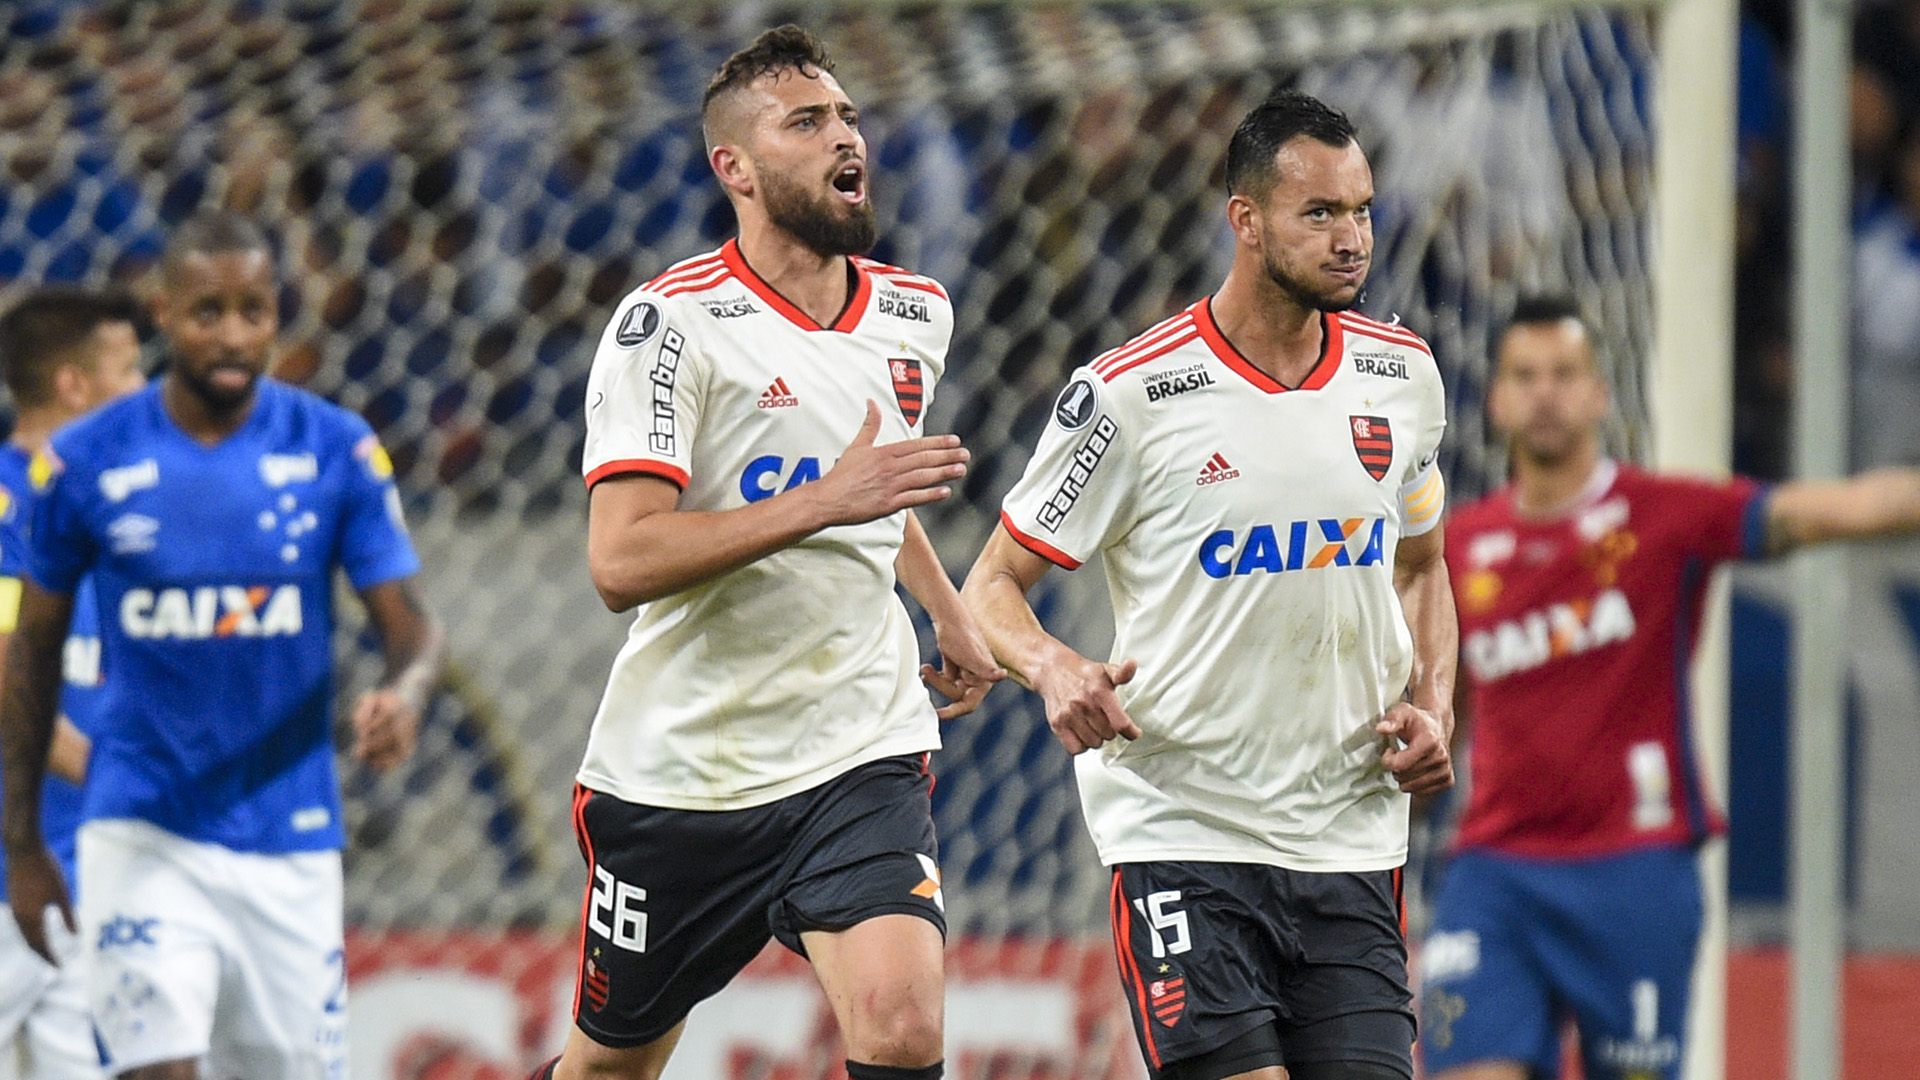 Leo Duarte Rever Cruzeiro Flamengo Copa Libertadores 29082018